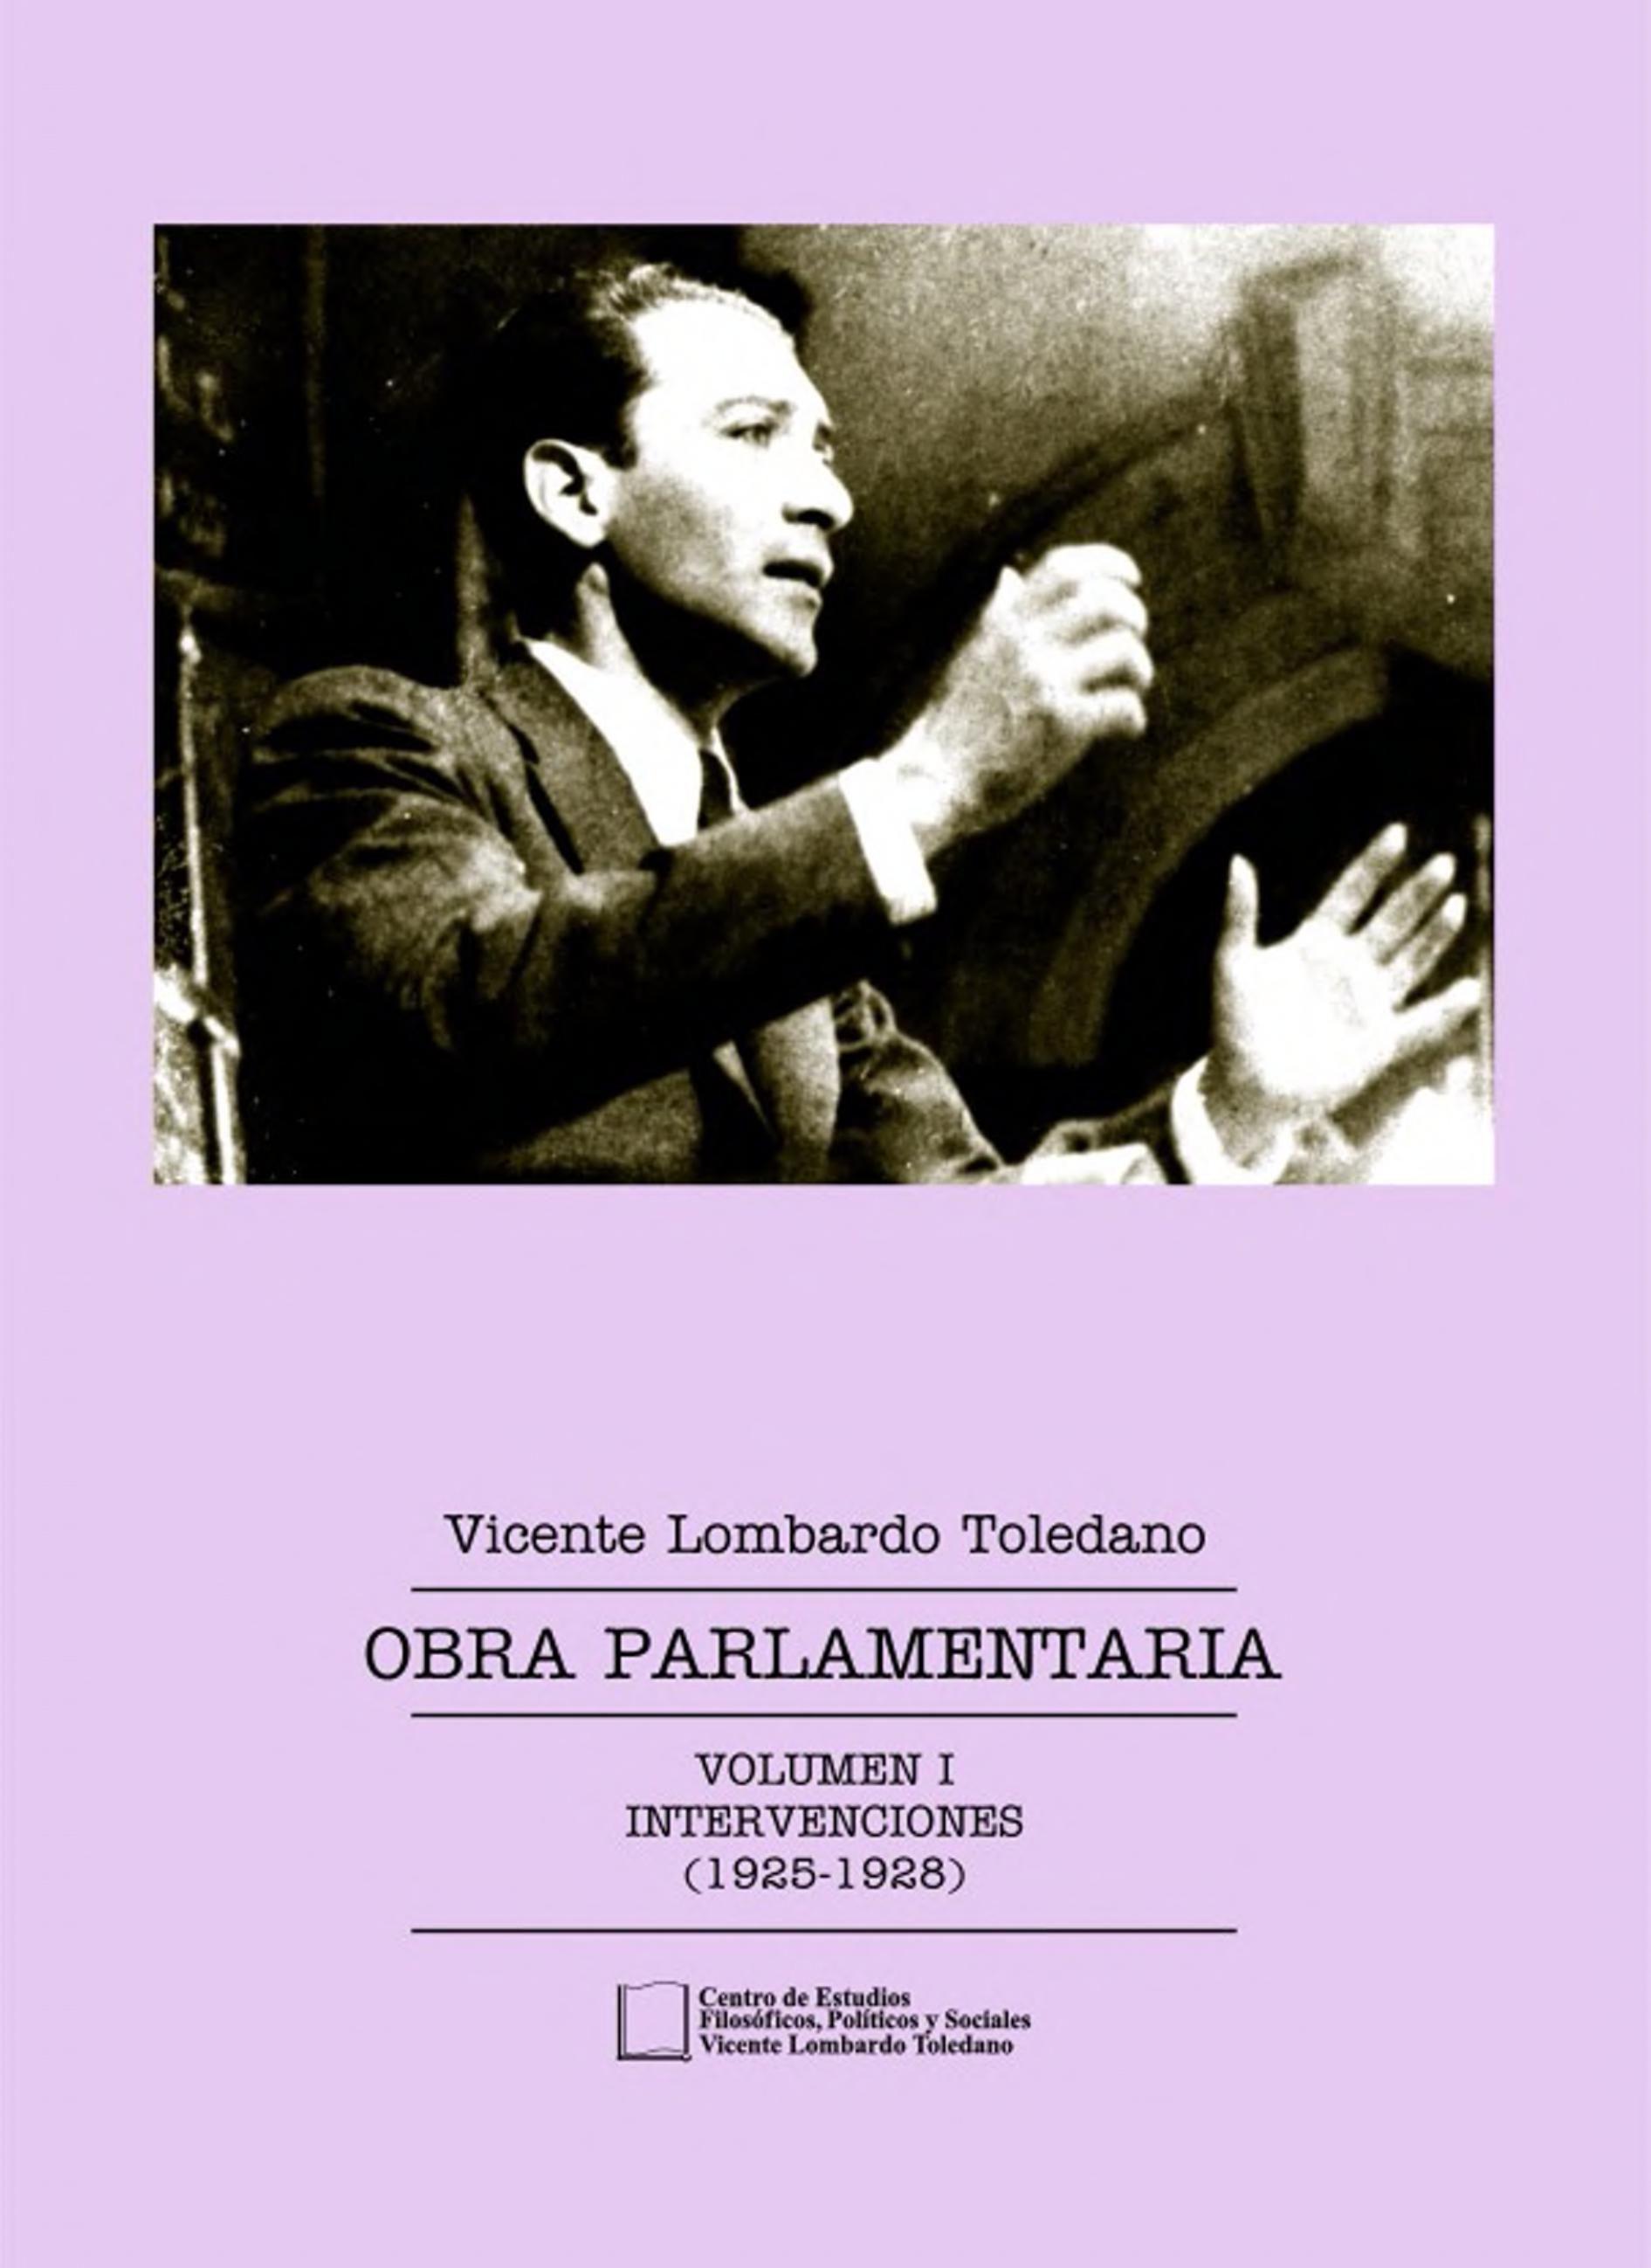 Portada del libro: Obra parlamentaria vol. I: intervenciones (1925-1928)